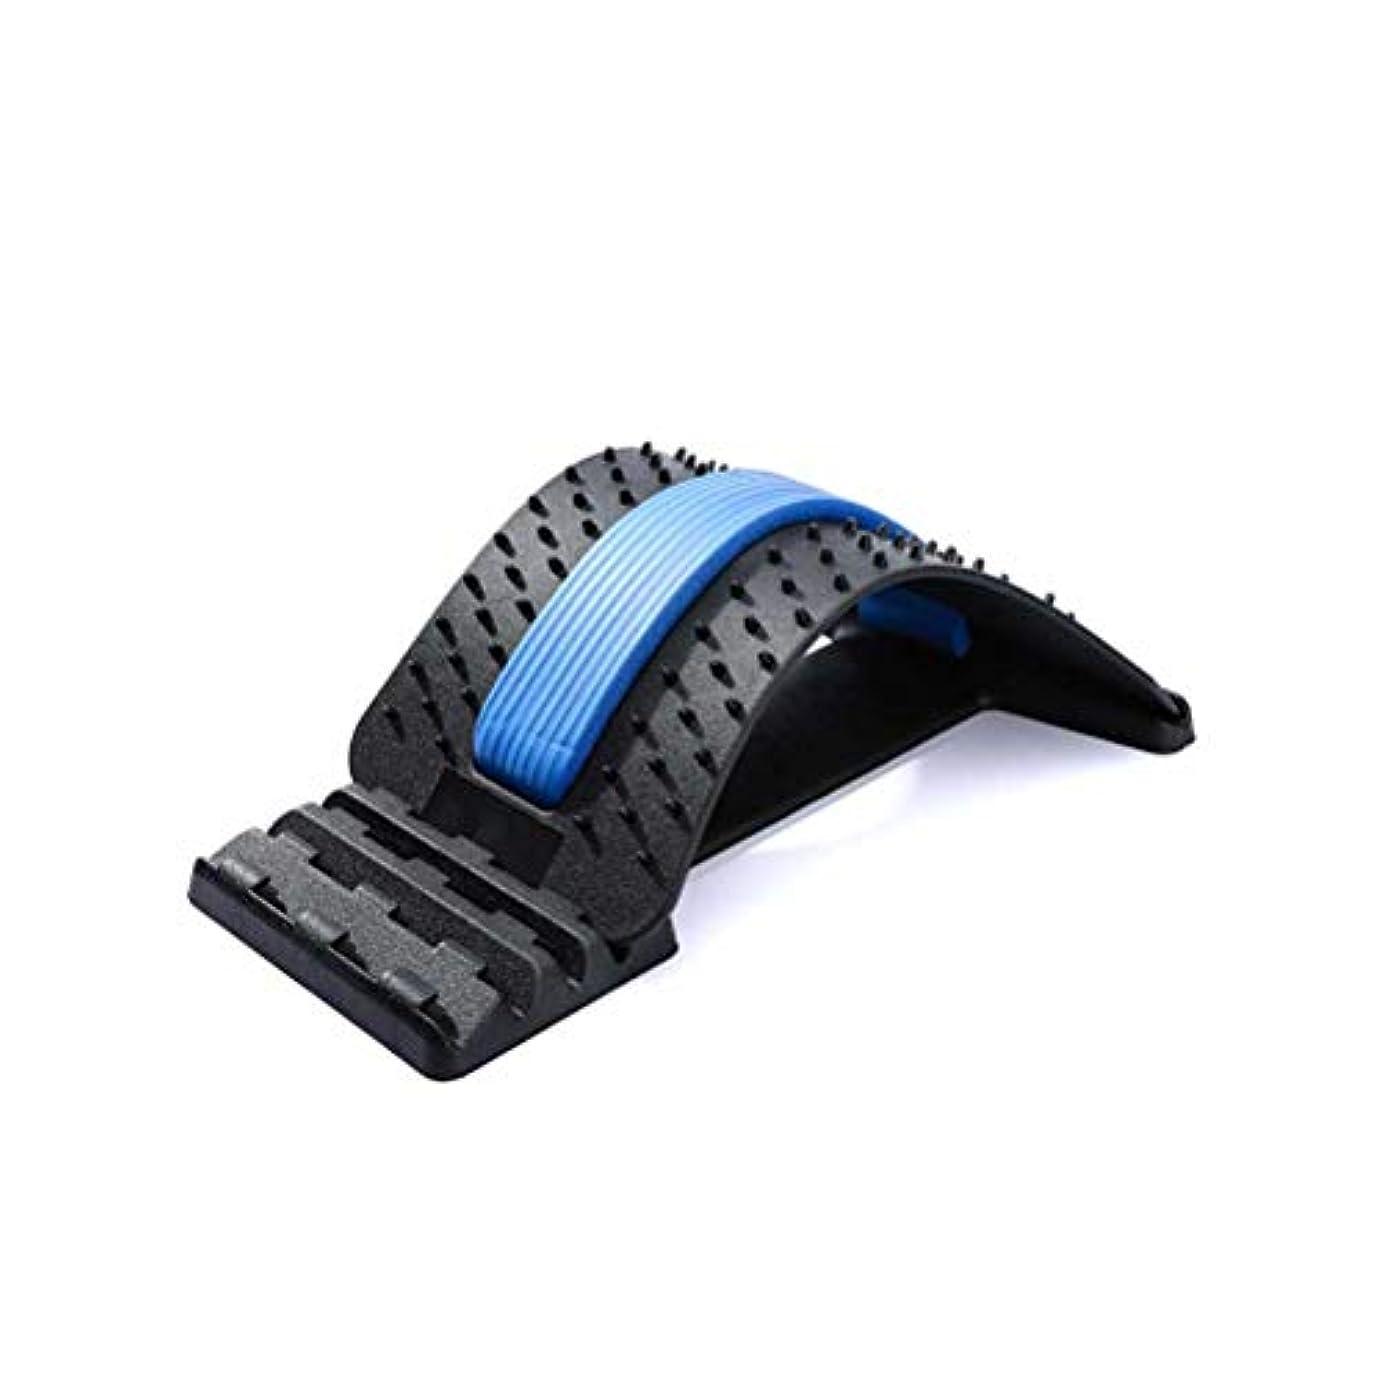 シンプルなヶ月目必要とするSUPVOXバックストレッチングデバイスバックマッサージャーランバーサポートストレッチャー脊椎の背中の痛み筋肉痛の緩和用オフィスチェア(ブラックブルー)